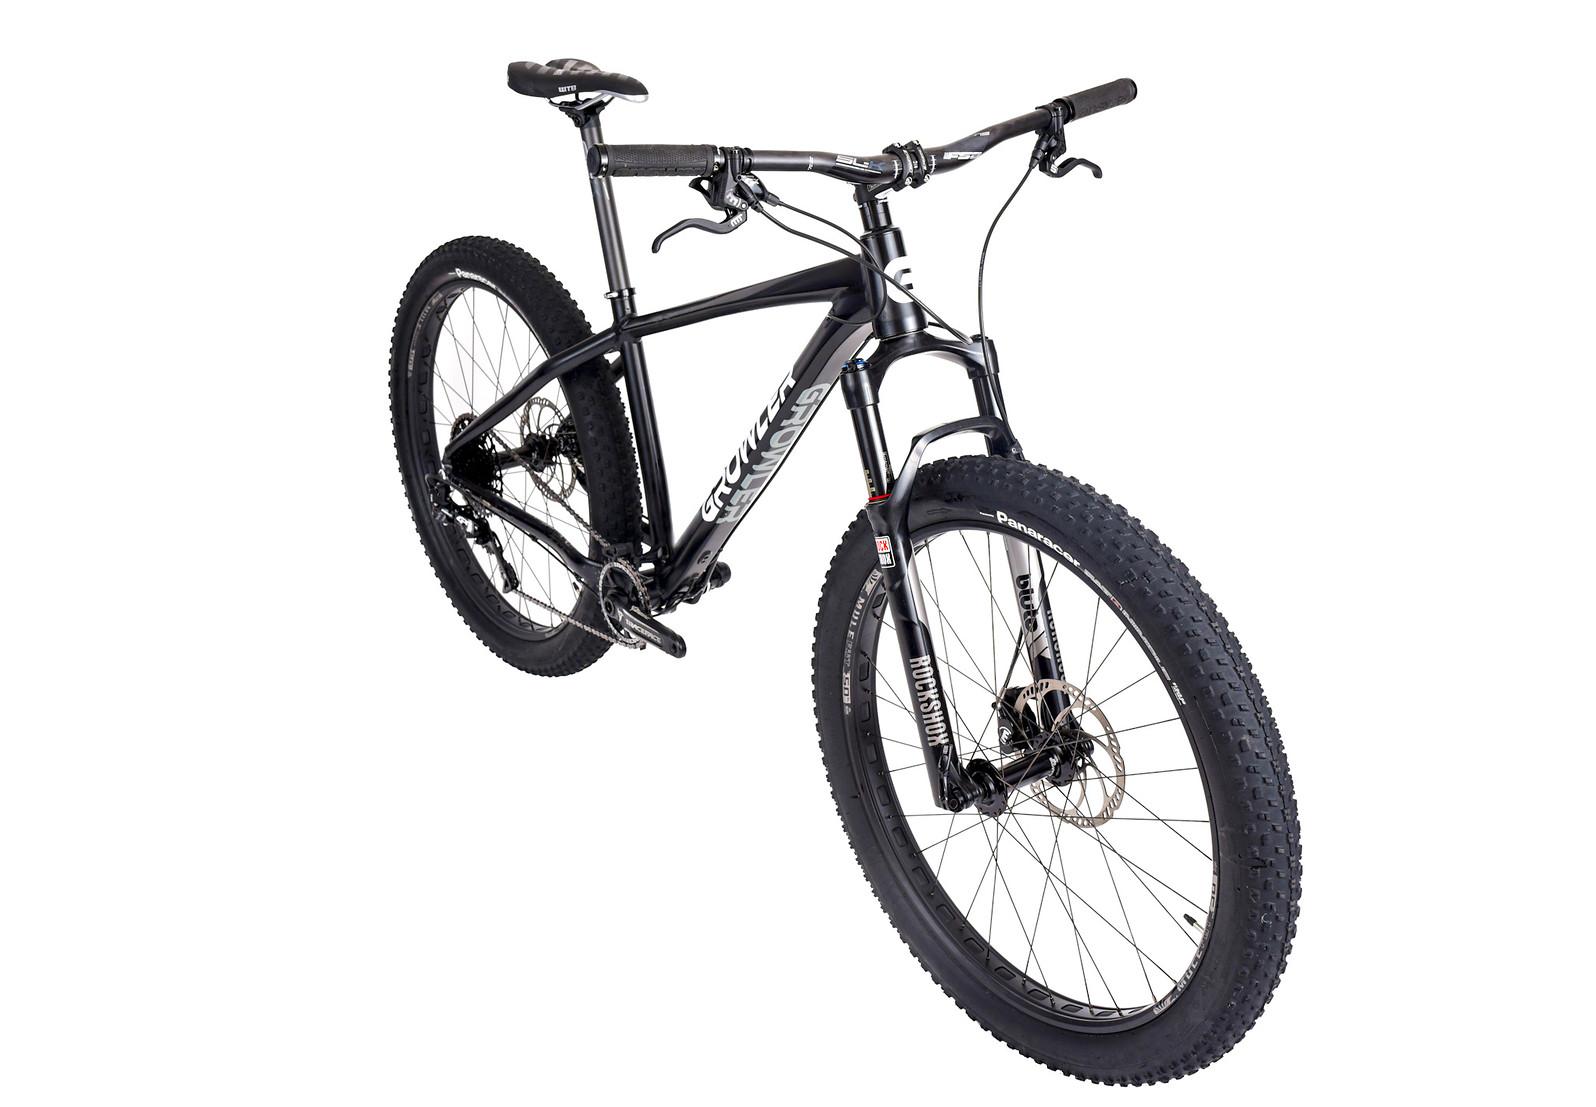 2017 Growler Bikes Mudwasp 27.5+ Bike Growler Mudwasp Front angle 2 White Background